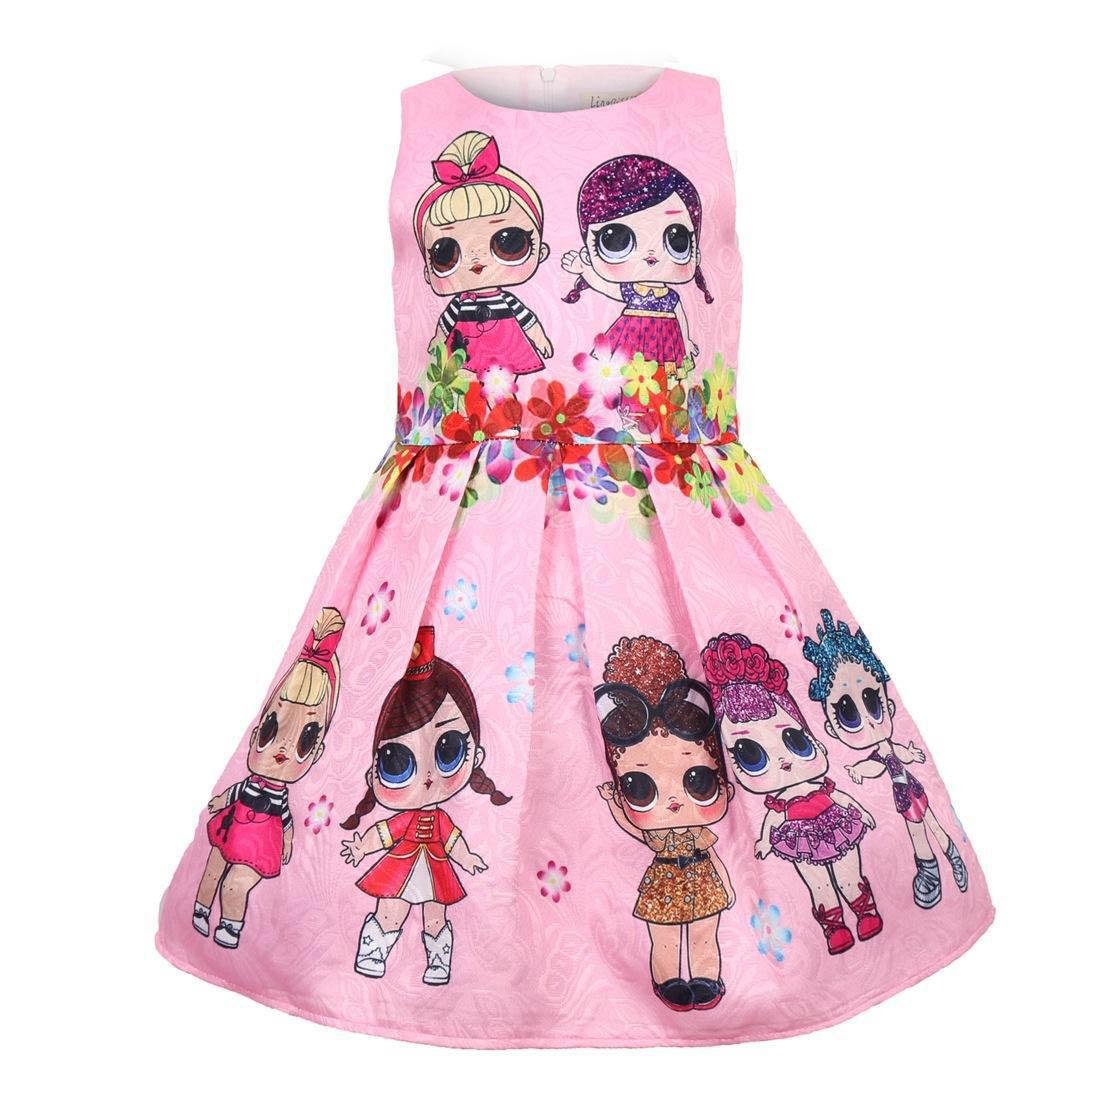 Baby Kostüm Kleid mit Schneemann Weihnachtskleid Mädchen Festkleid Partykleid